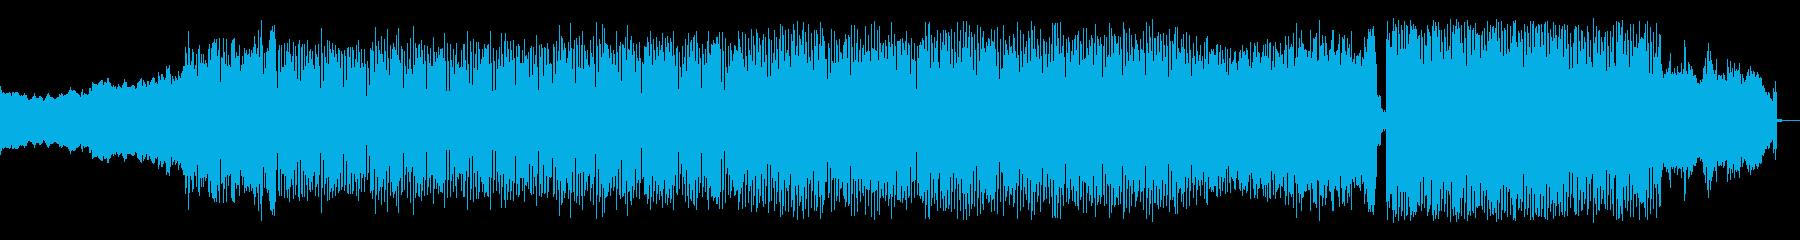 爽やかで軽快な4つ打ちポップスの再生済みの波形